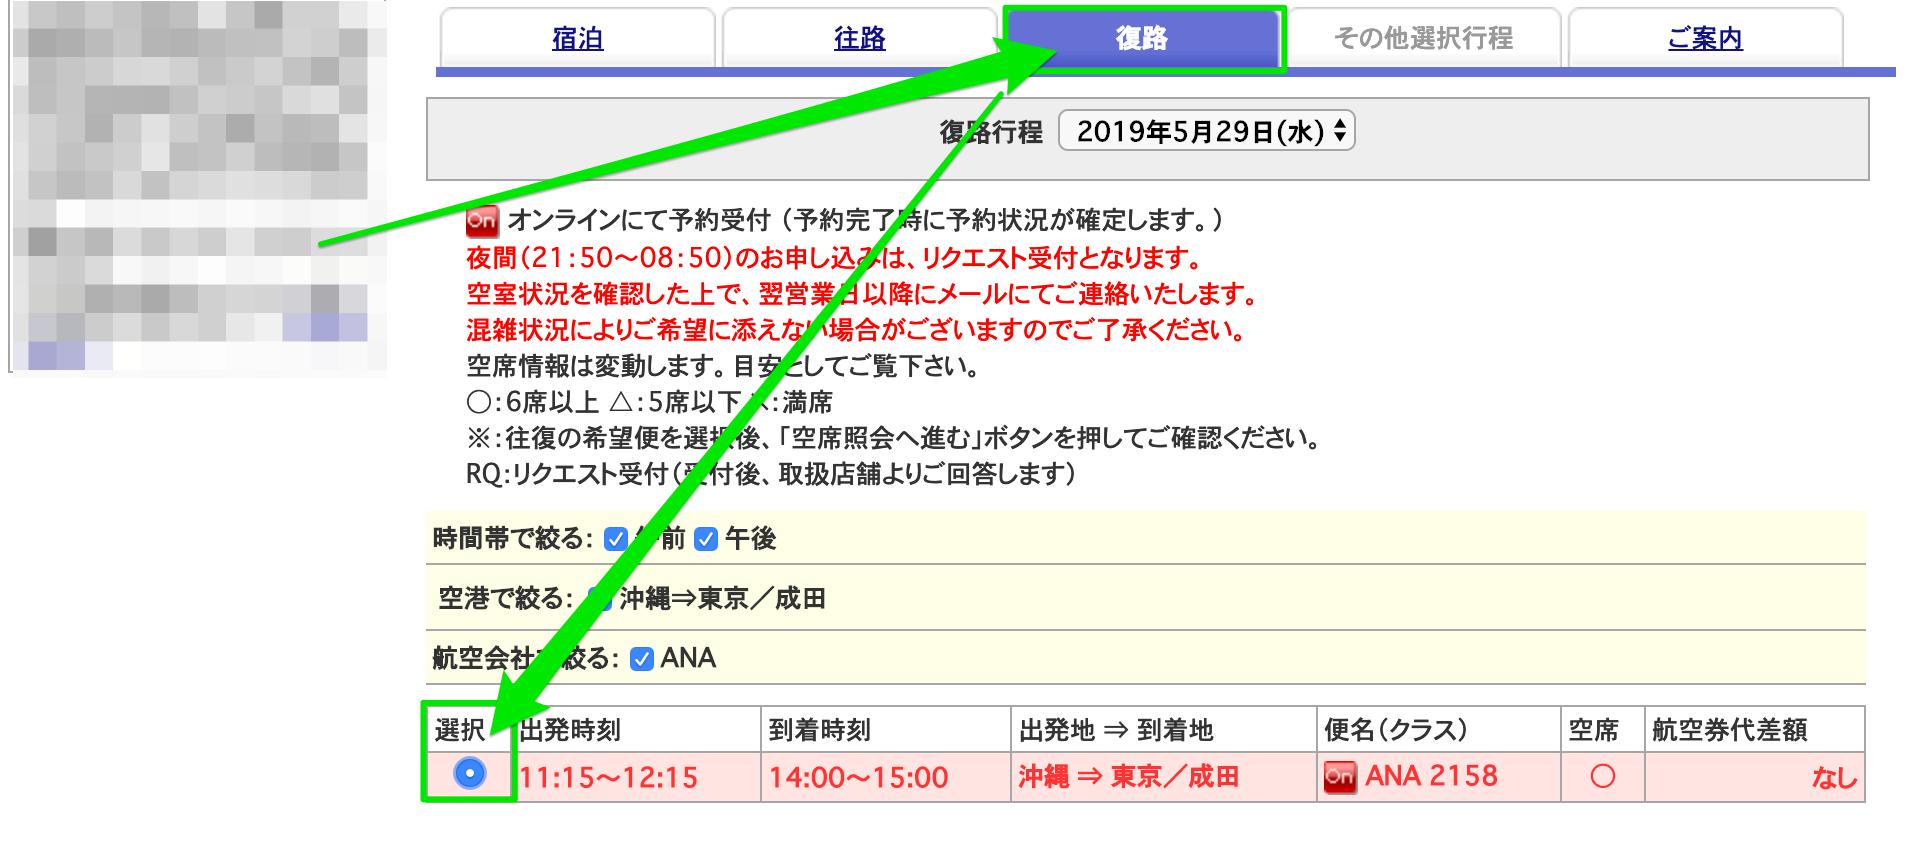 日本旅行でツアー予約の復路航空券を決定